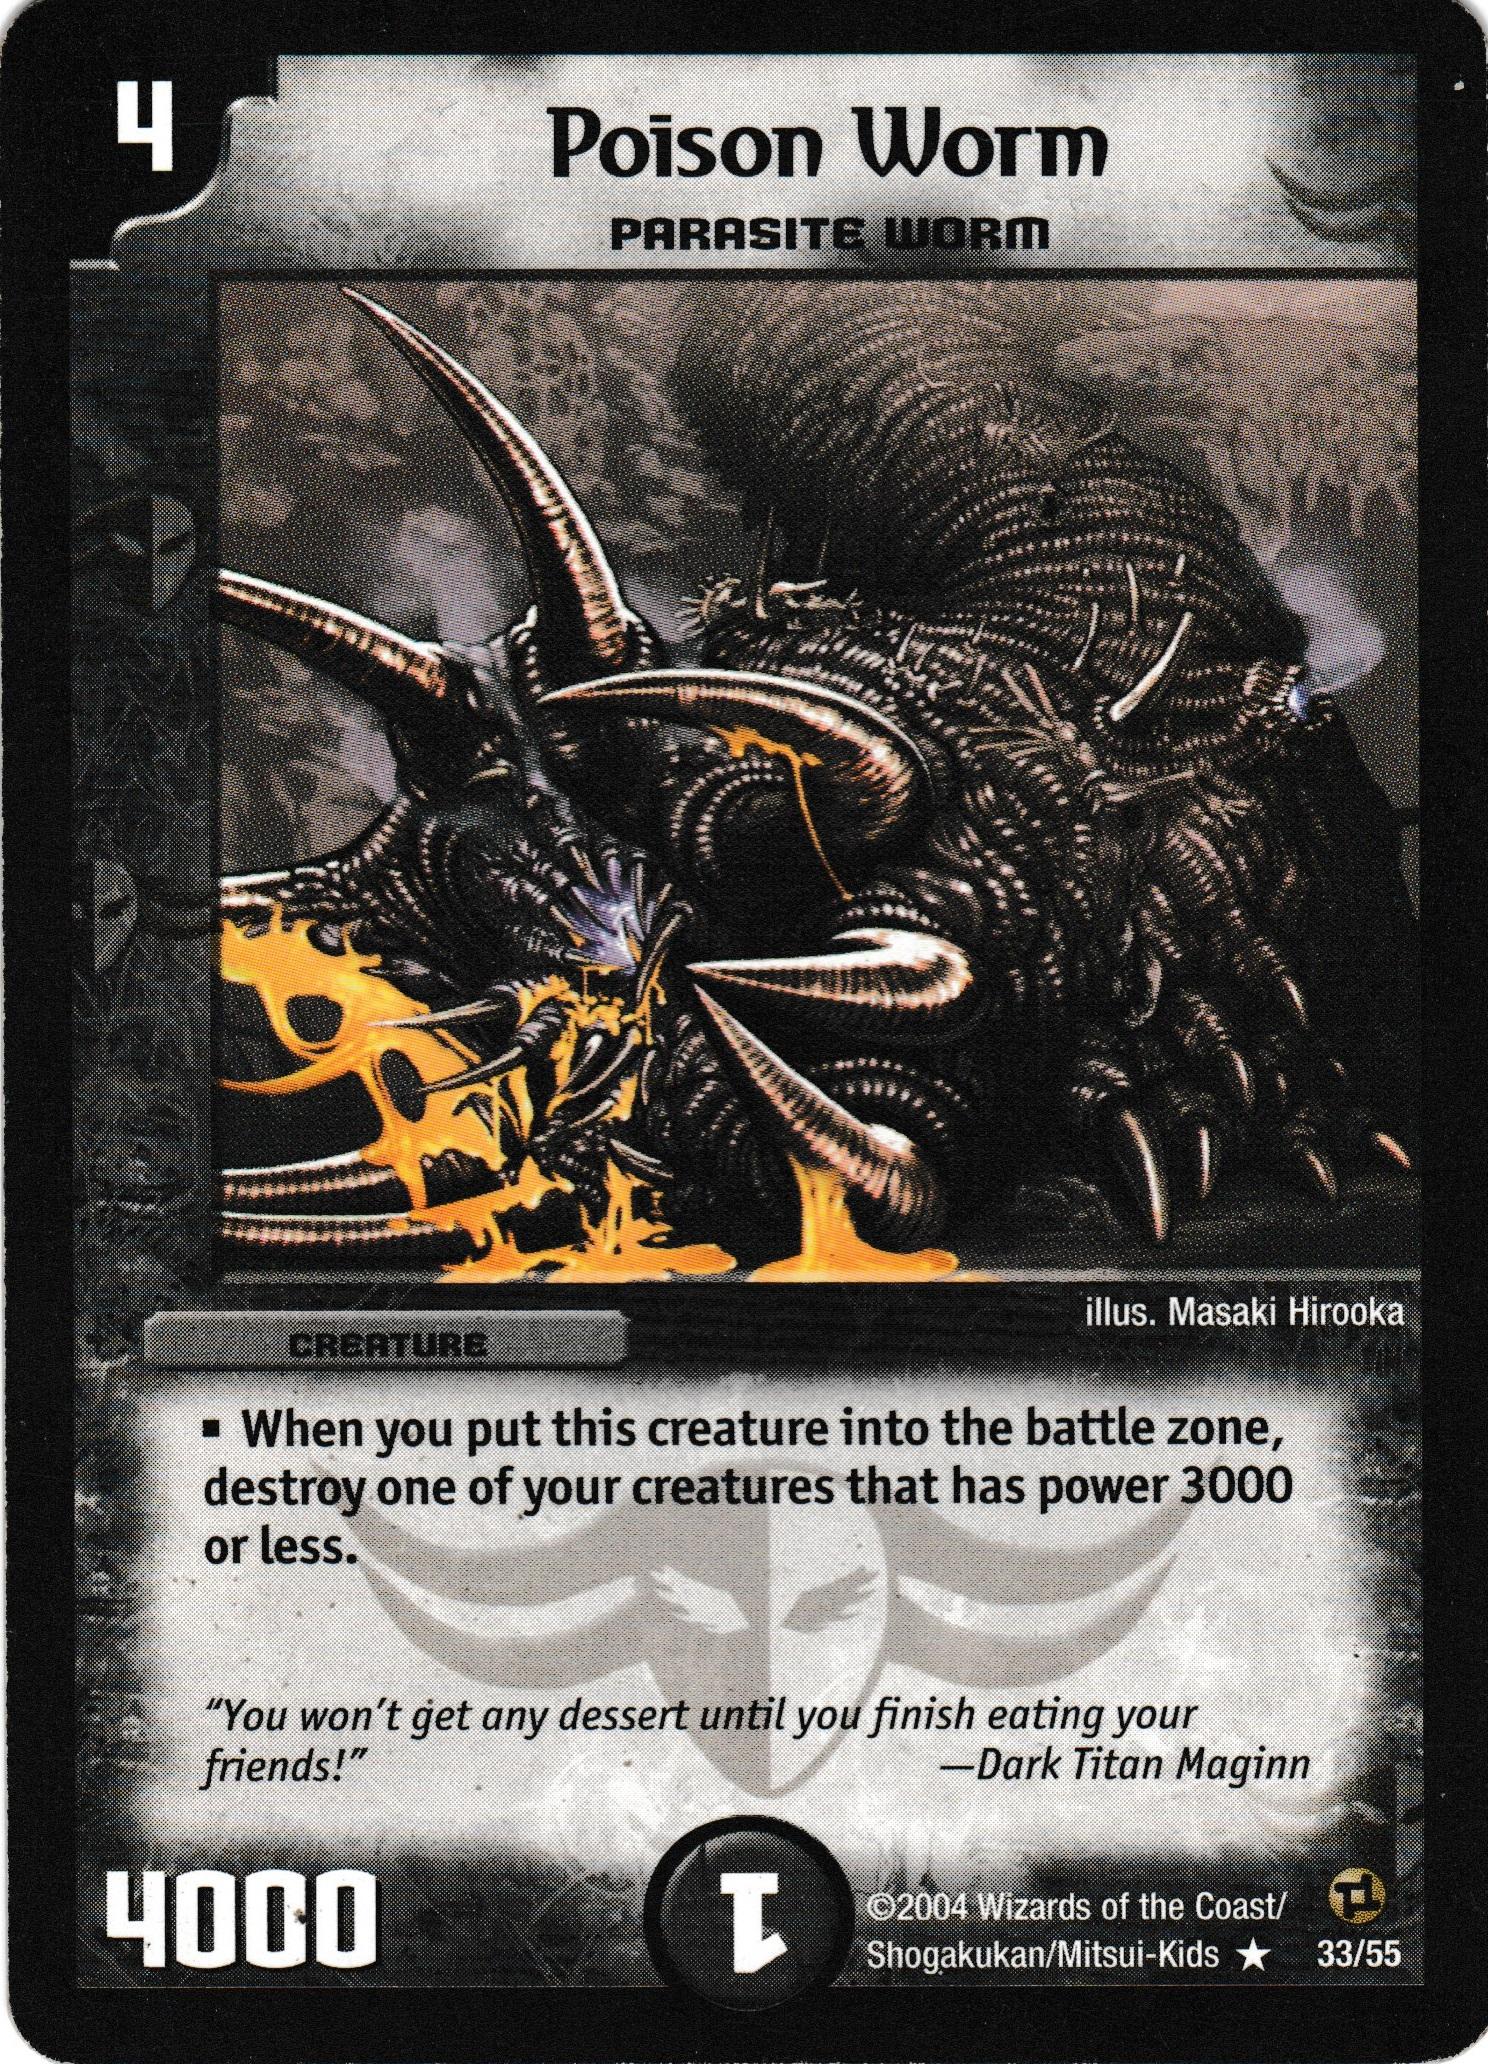 Poison Worm